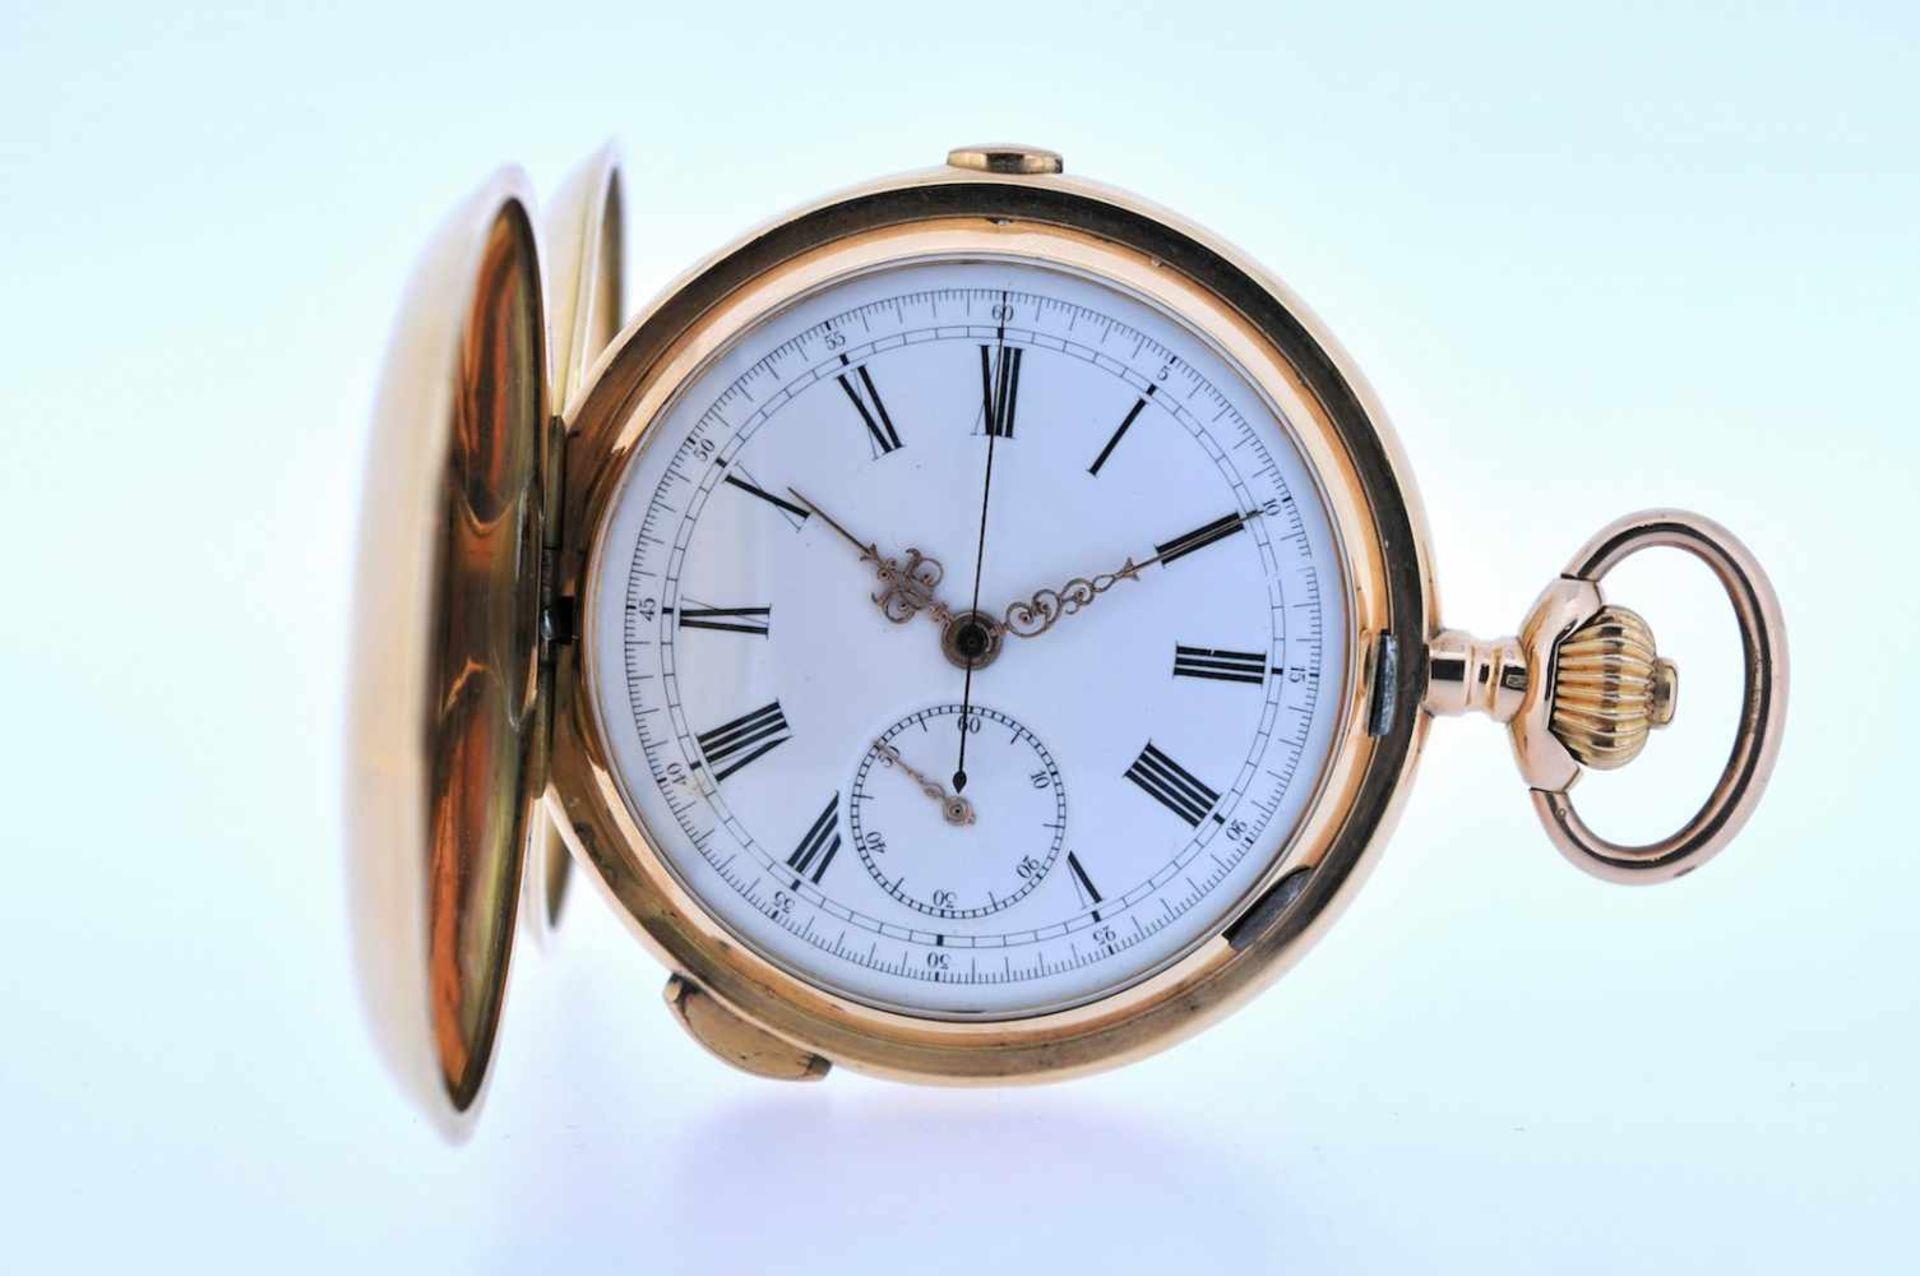 Los 30 - Viertelstundenrepetierer Goldene Taschenuhr mit Viertelstundenschlagwerk, kleiner Sekunde und